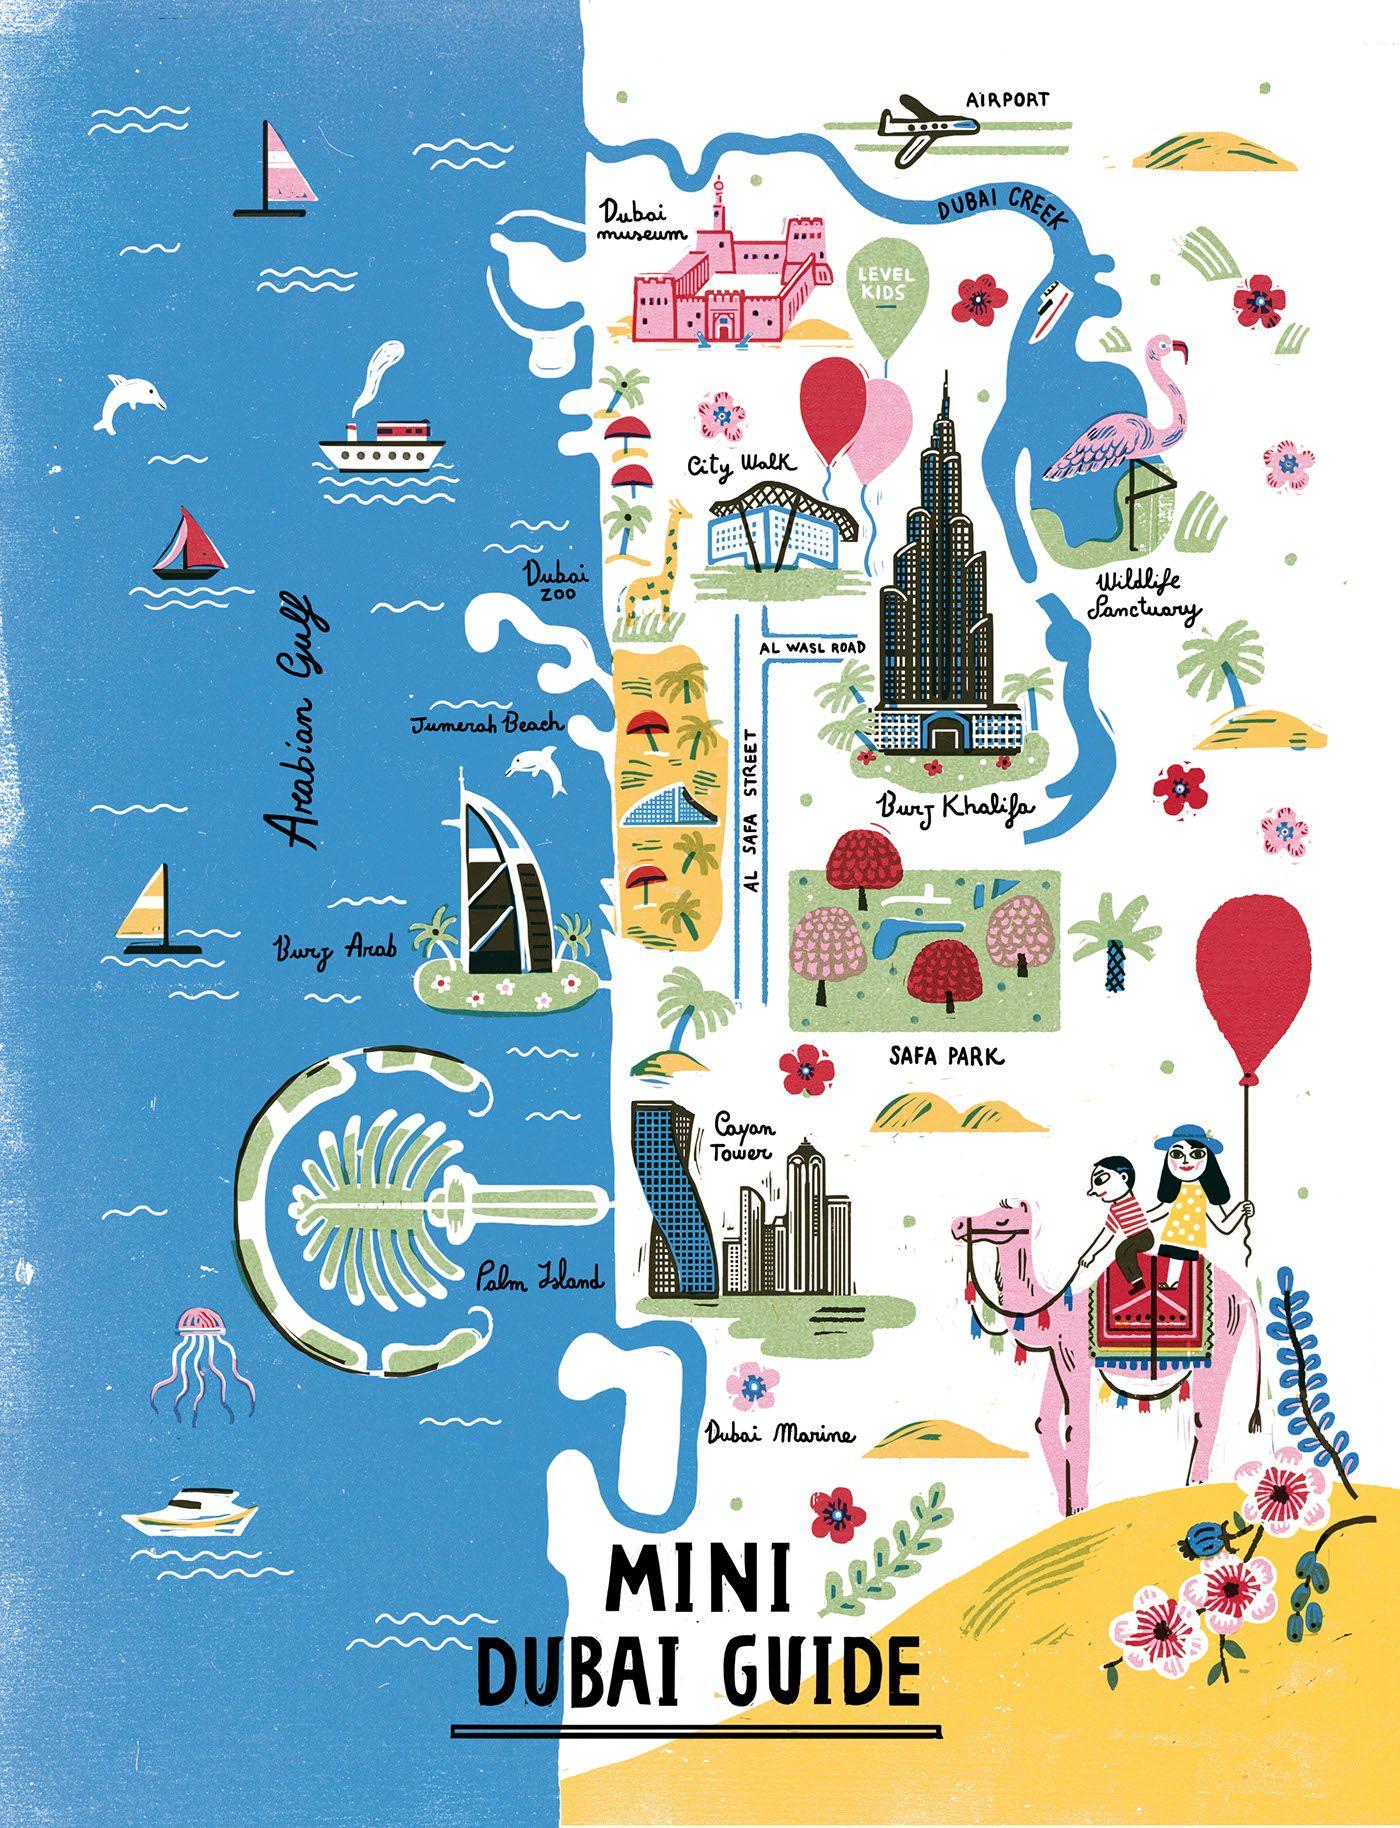 Mini Dubai Guide Vogue Kids On Behance Dubai Guide Vogue Kids Dubai Map